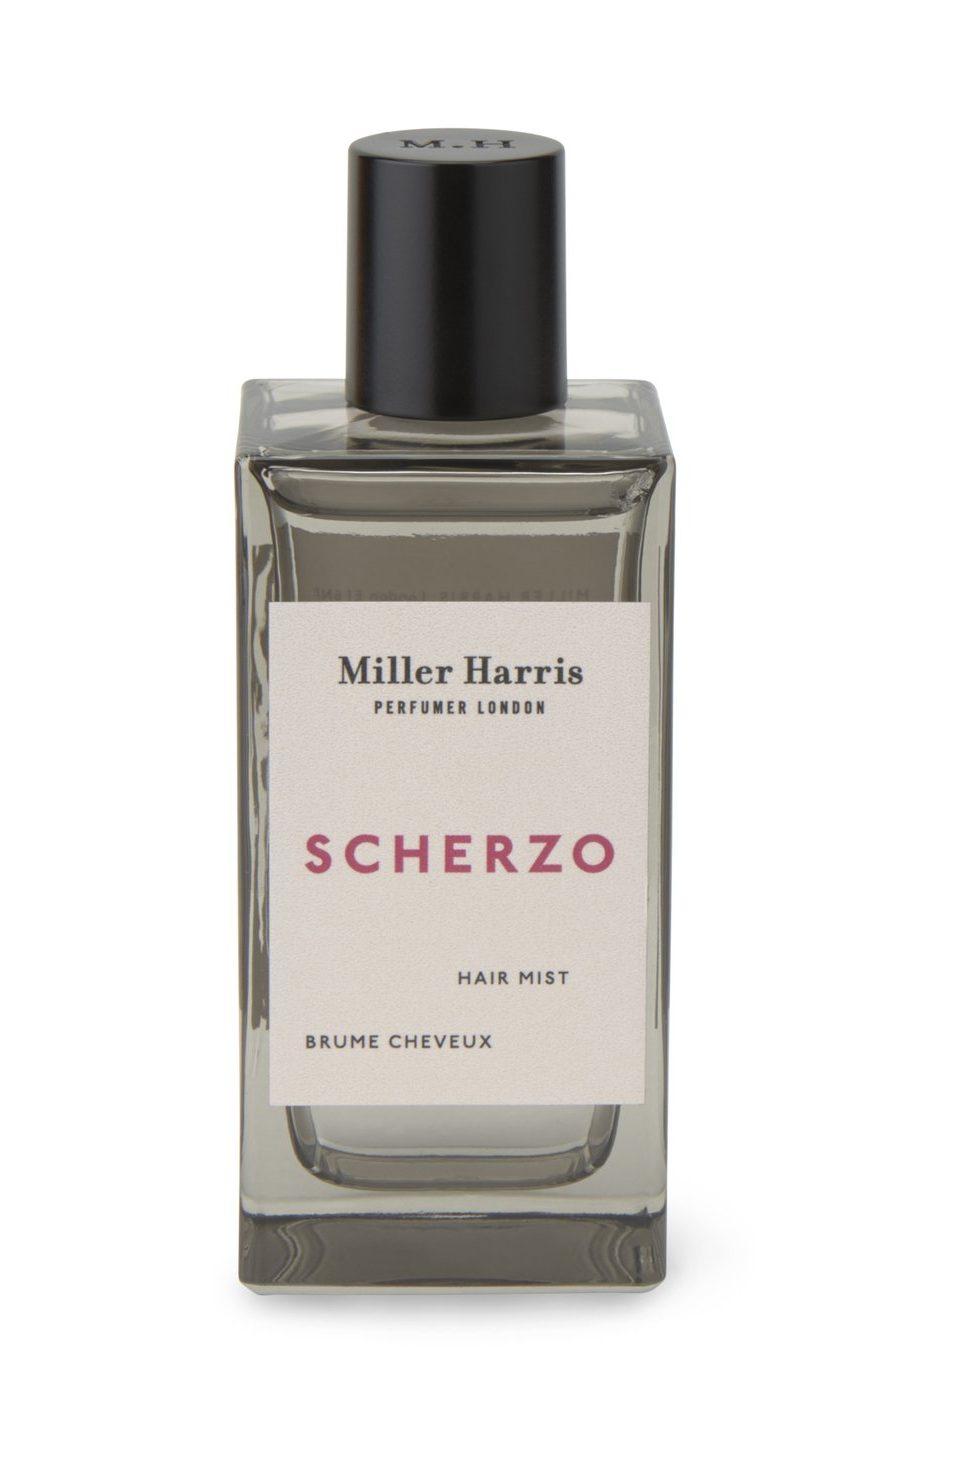 Miller Harris - Scherzo hair mist